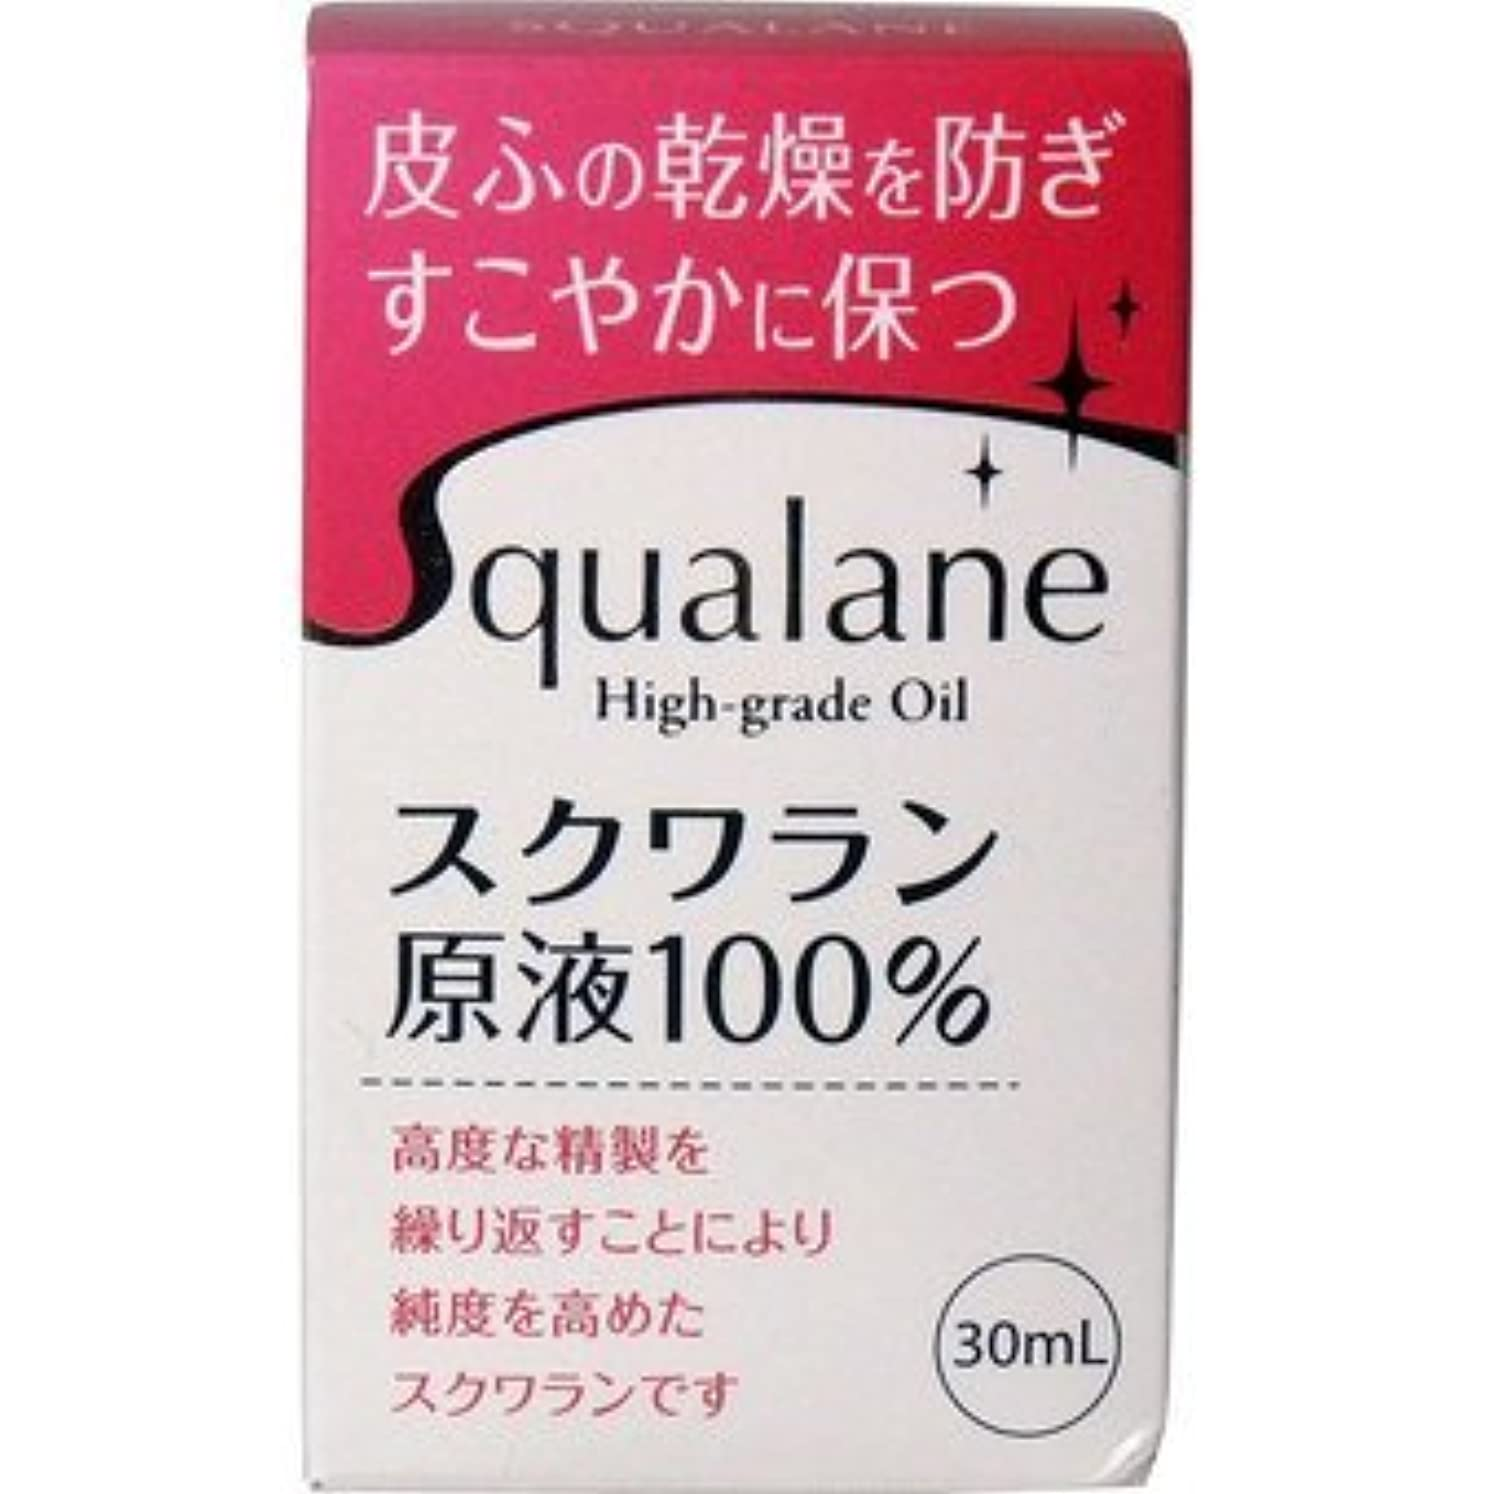 化学薬品病気そうでなければスクワラン原液 100% 30ml ×6個セット